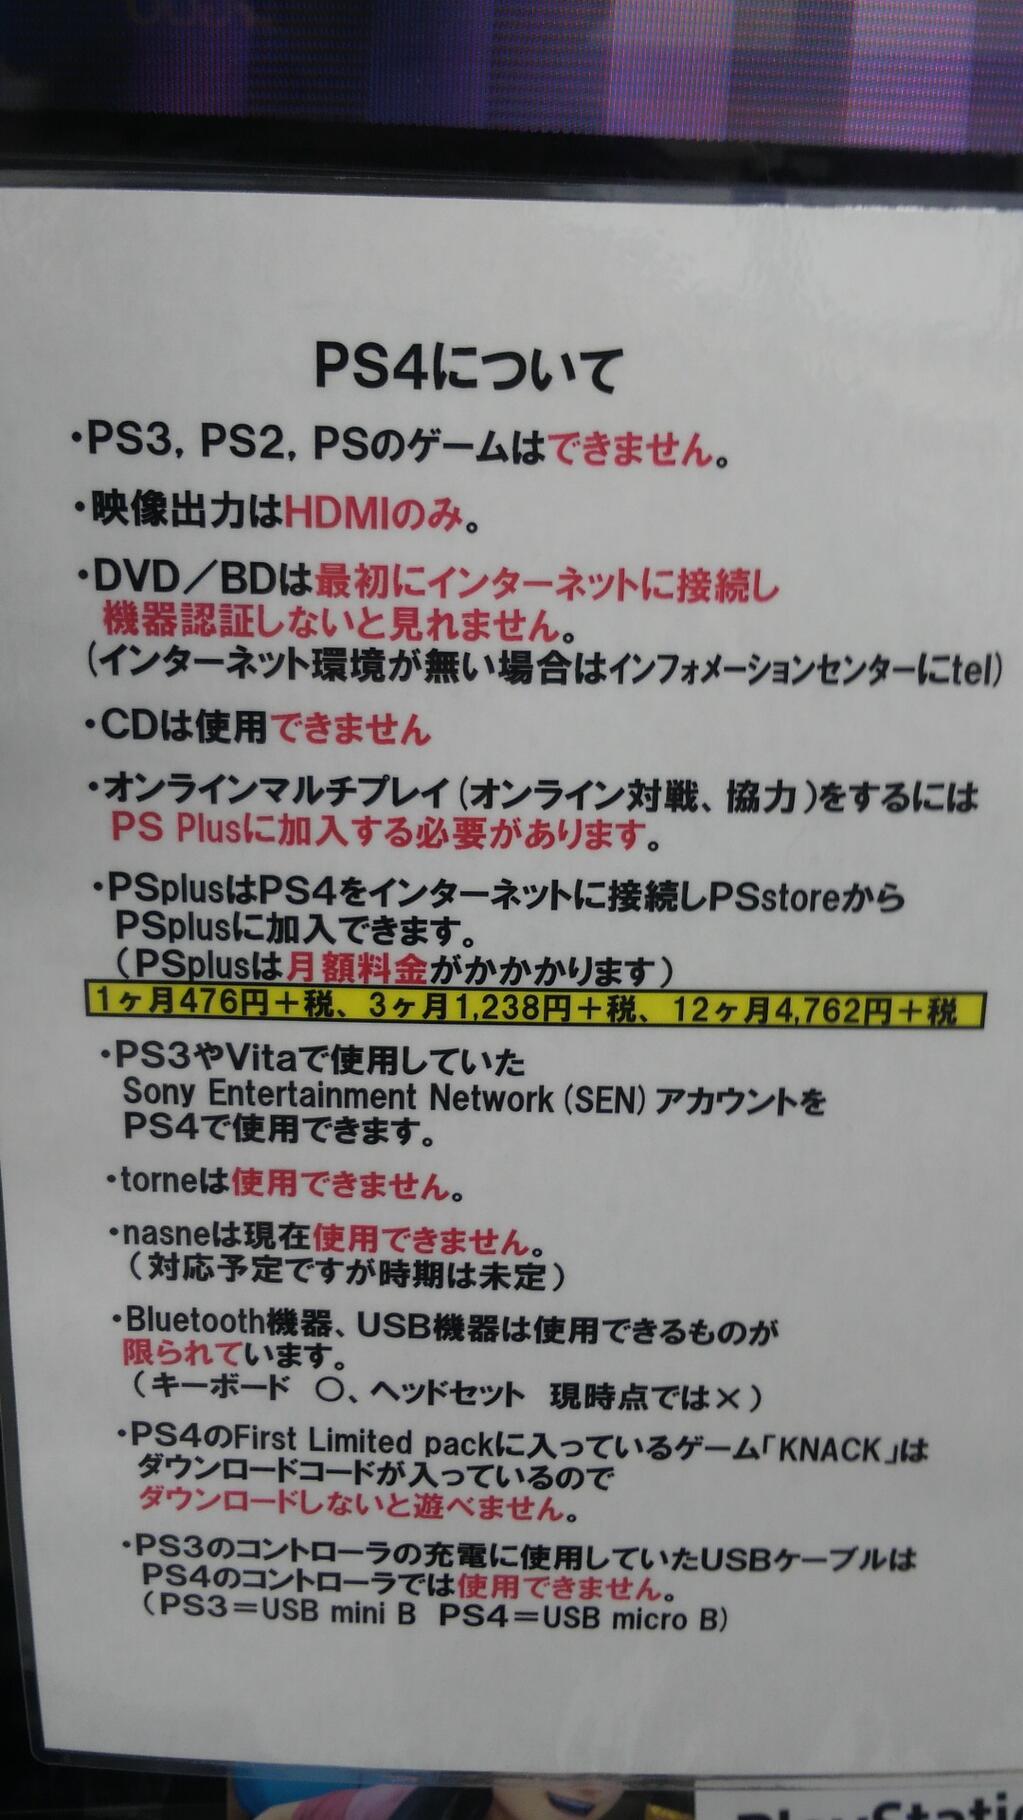 신형 게임기 PS4가 이런저런 제약이 너무 많다면서 ..